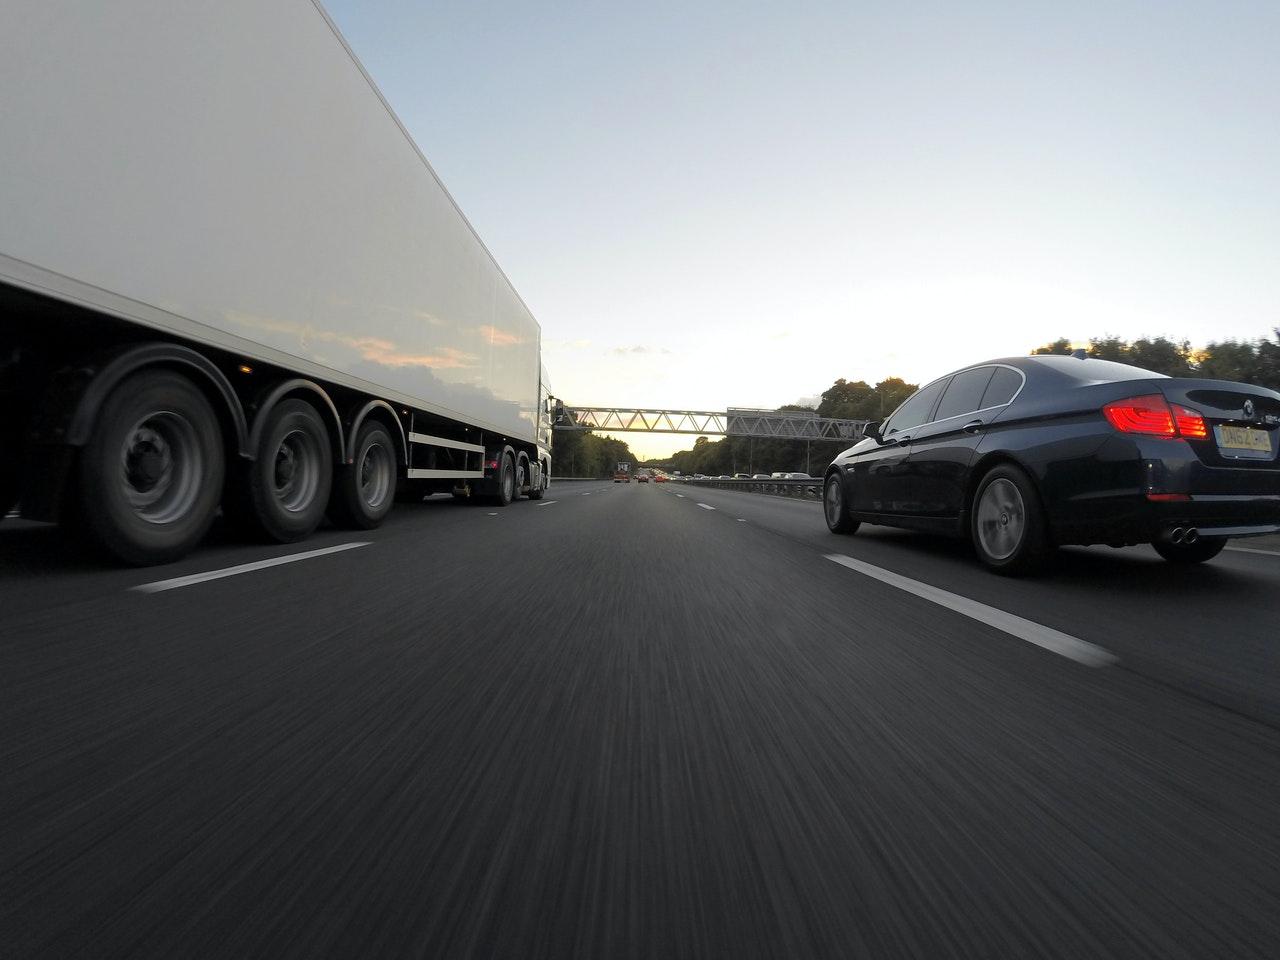 Где можно приобрести качественные запчасти для грузовиков и прицепов?